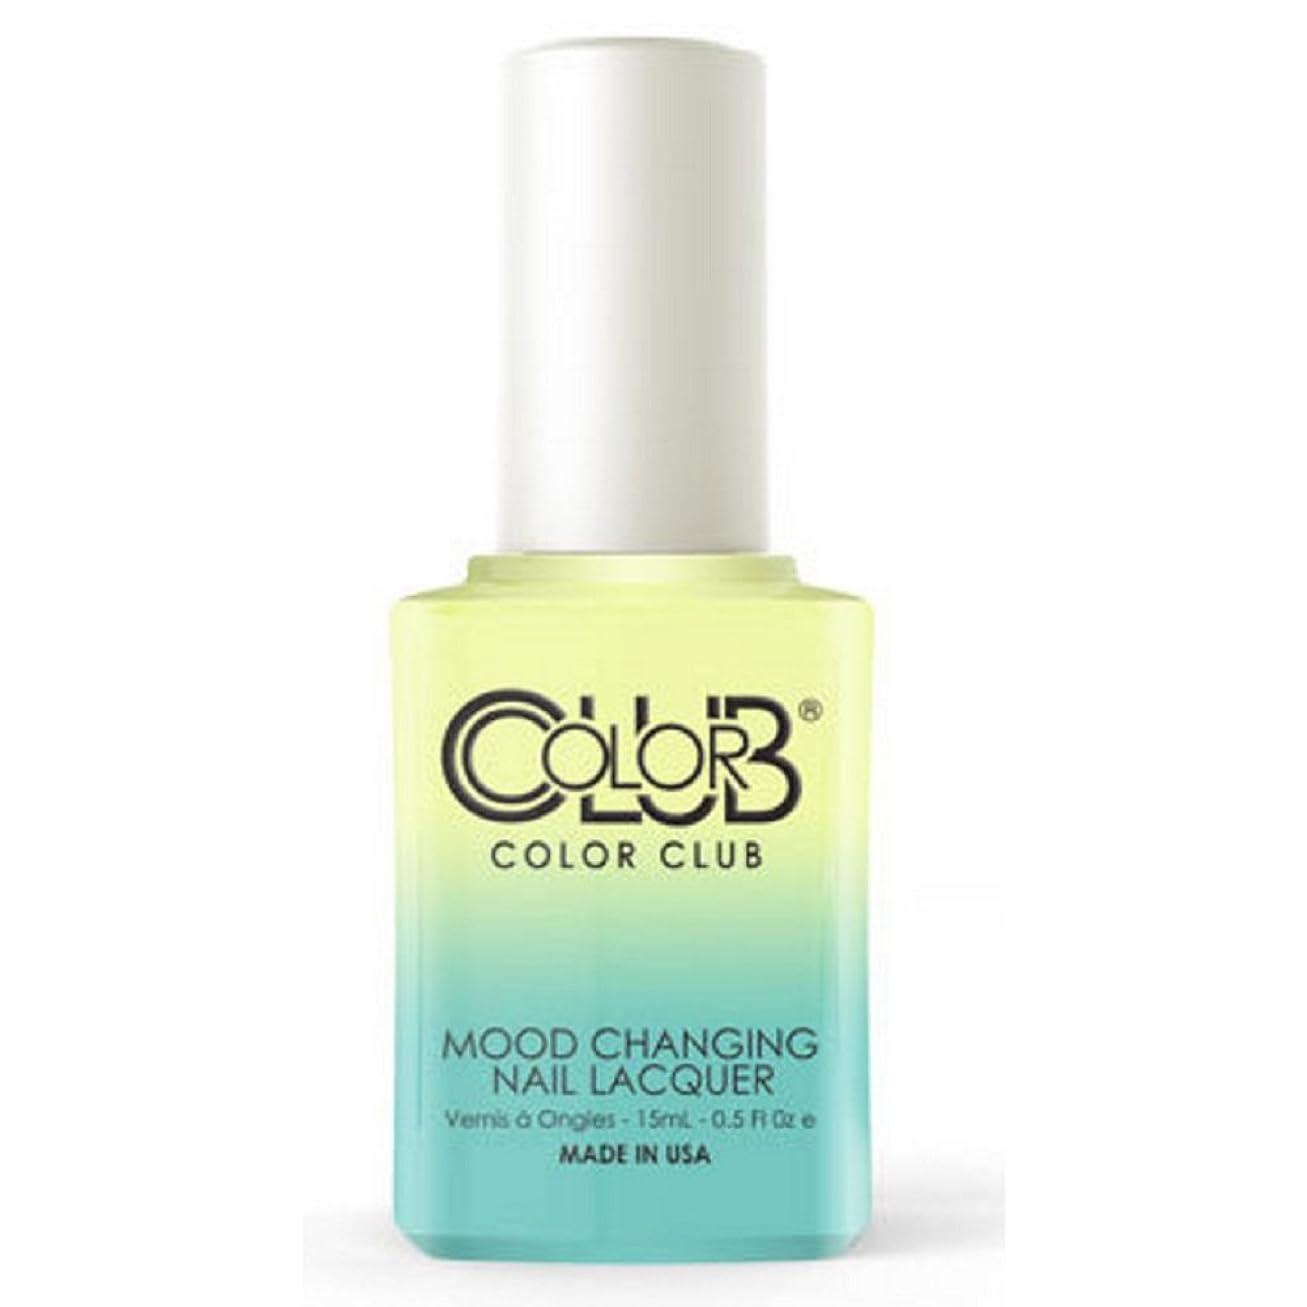 スリップ添加バンドルColor Club Mood Changing Nail Lacquer - Shine Theory - 15 mL / 0.5 fl oz